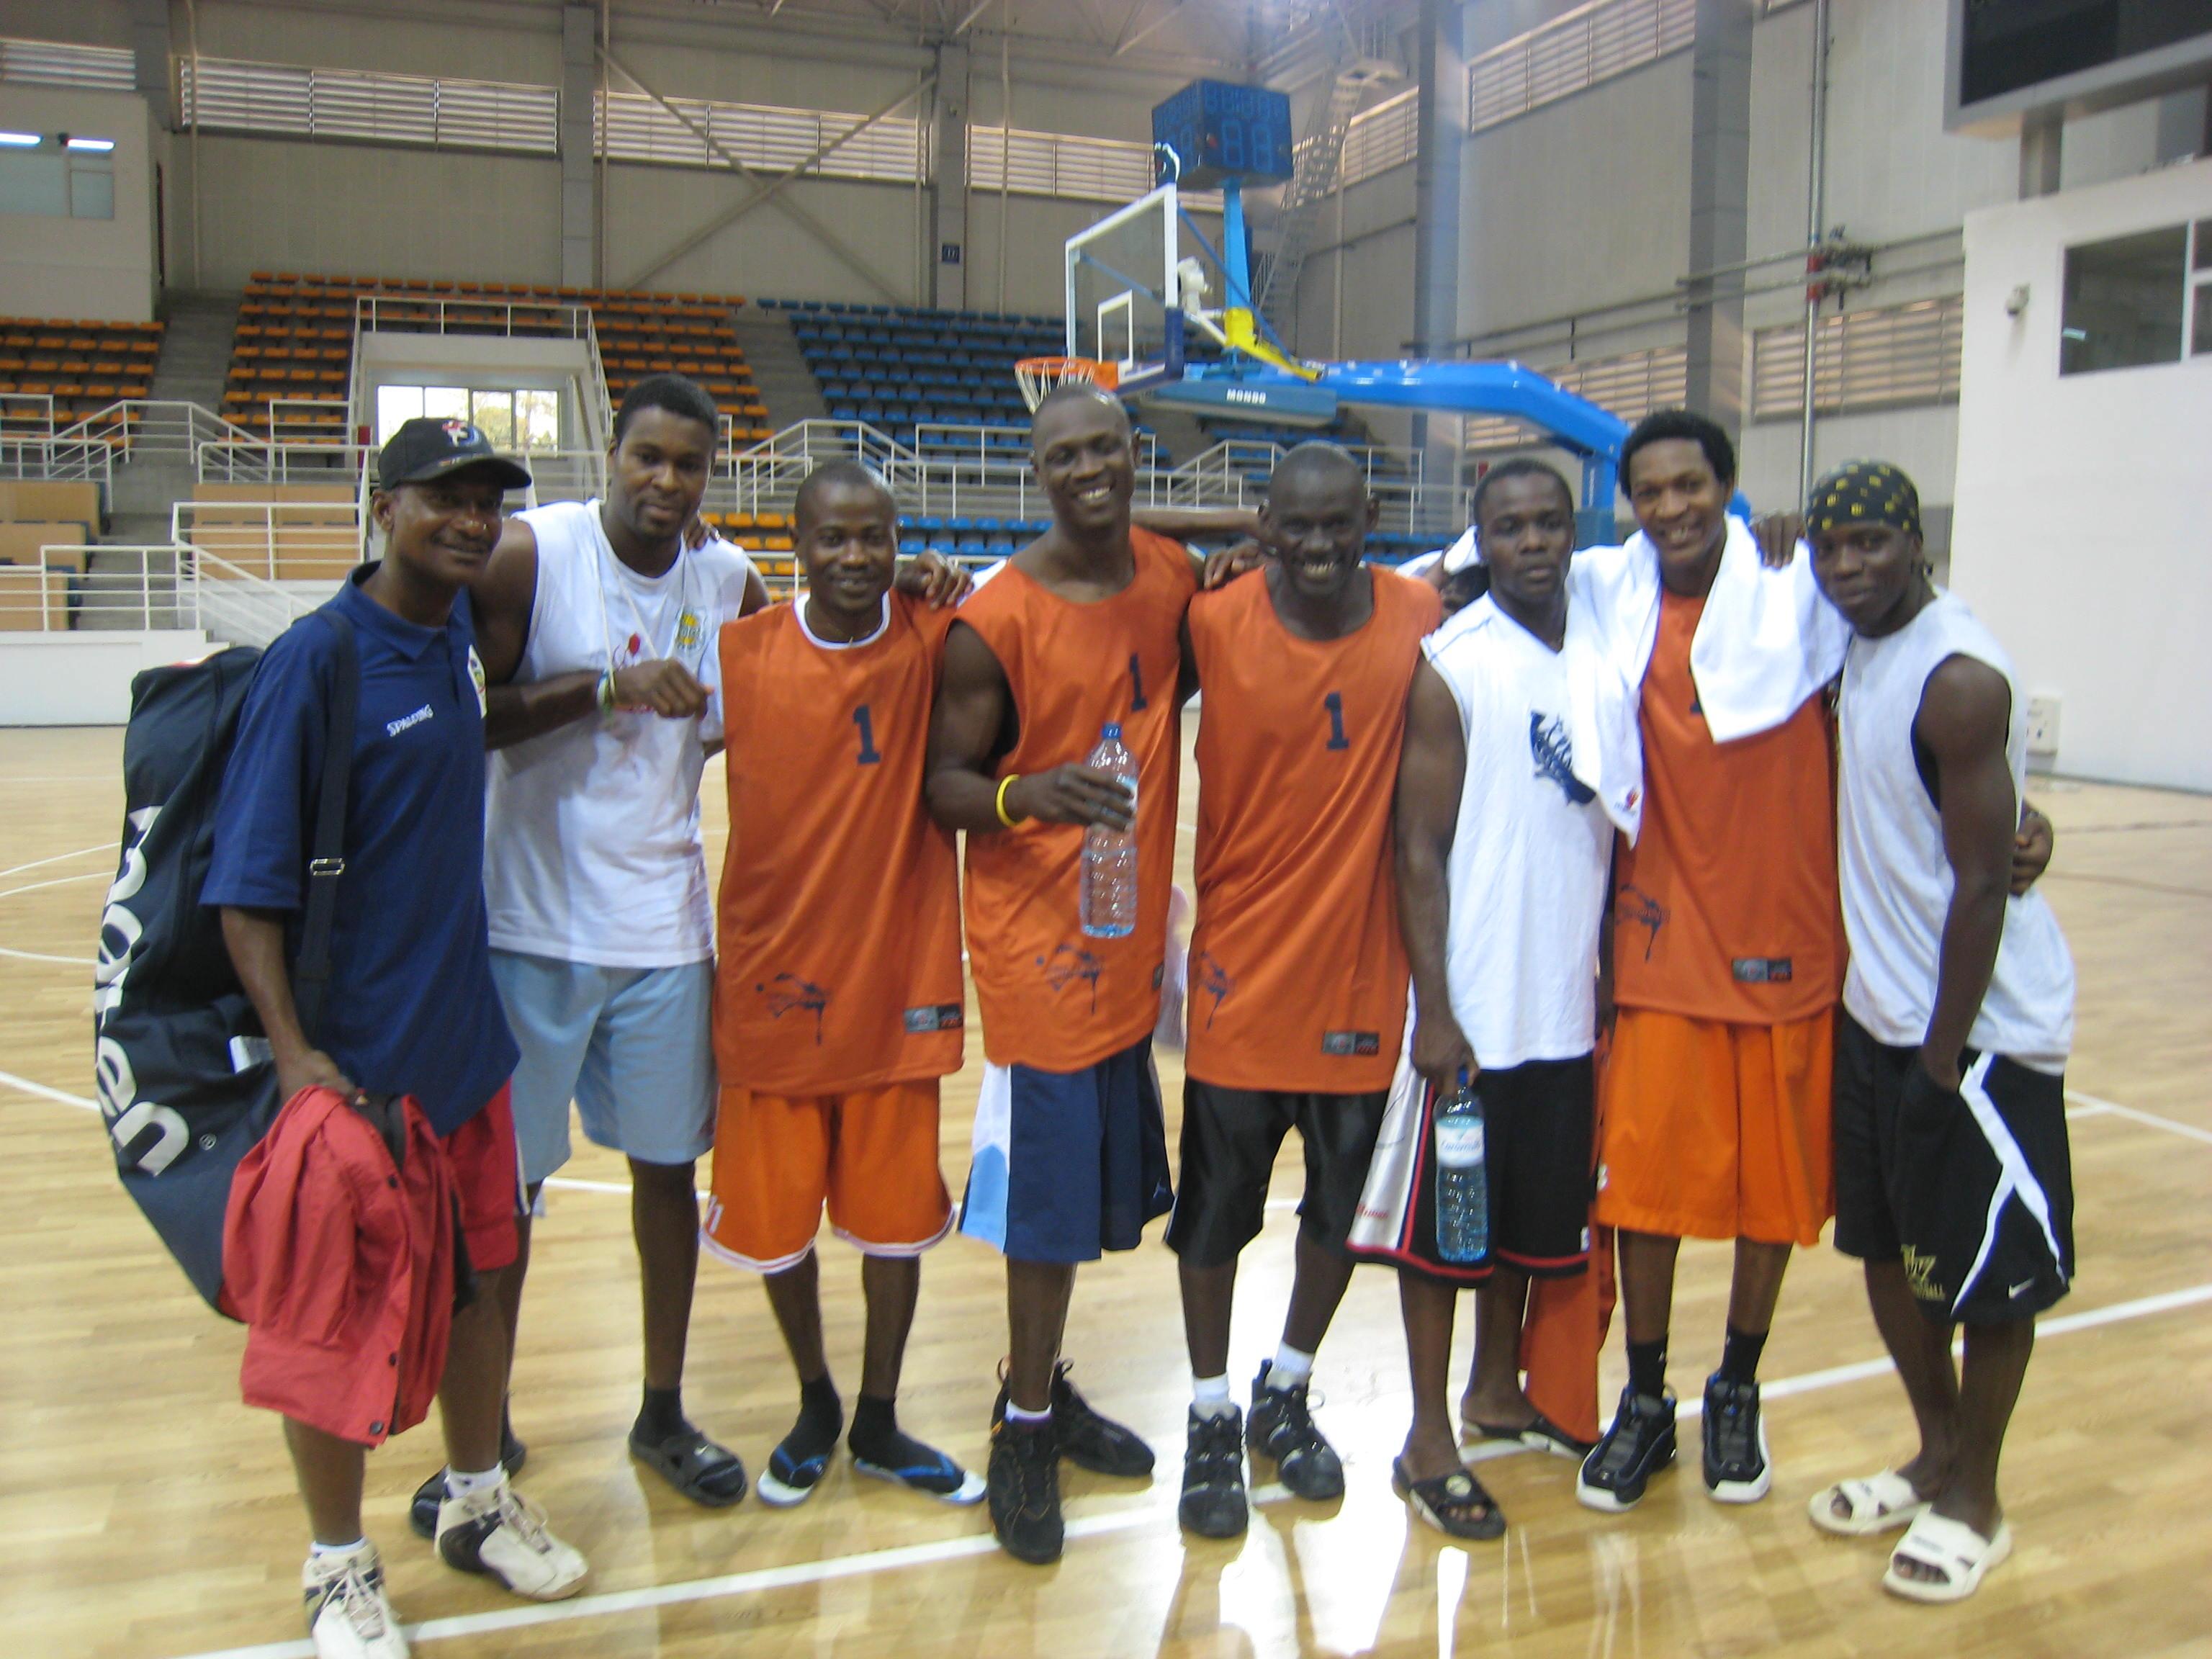 afrobasket2007.jpg